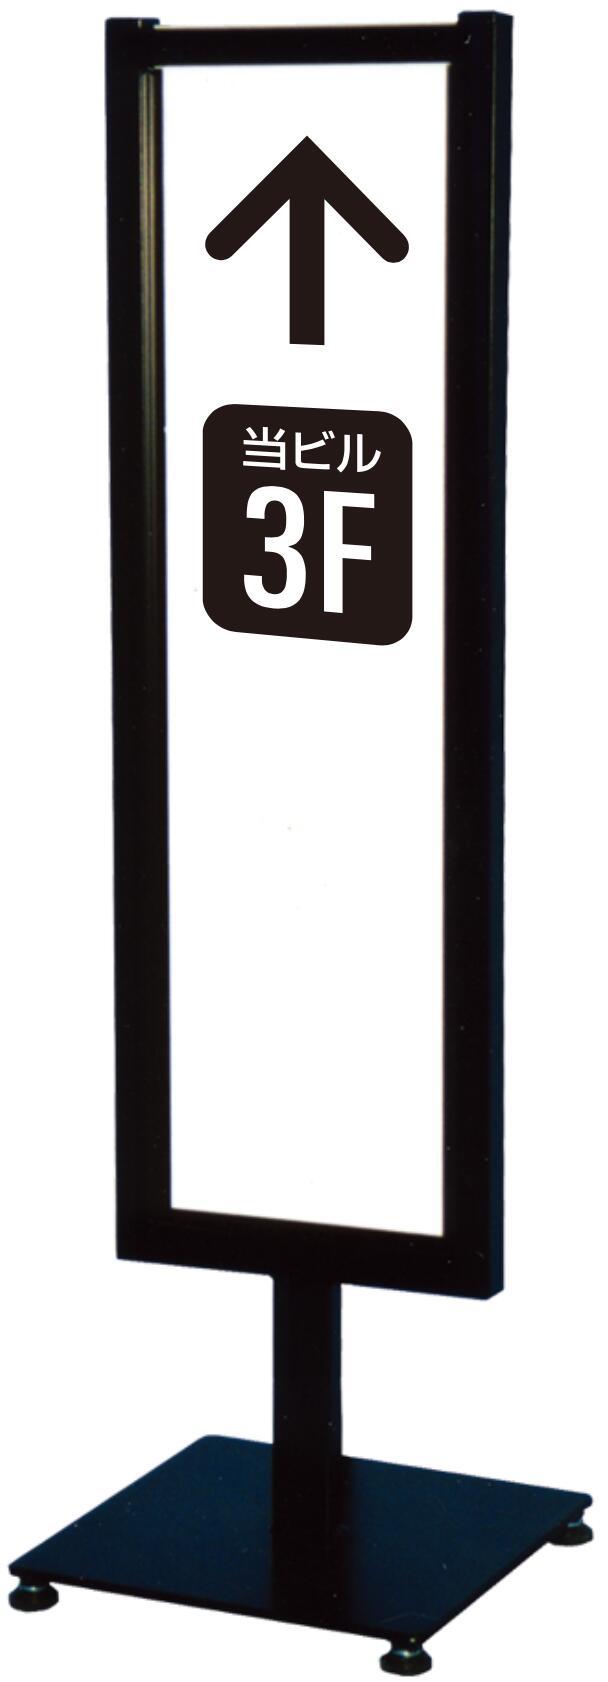 スタンド看板 店舗看板 屋外用 スタンドサイン M-51【デザイン依頼】